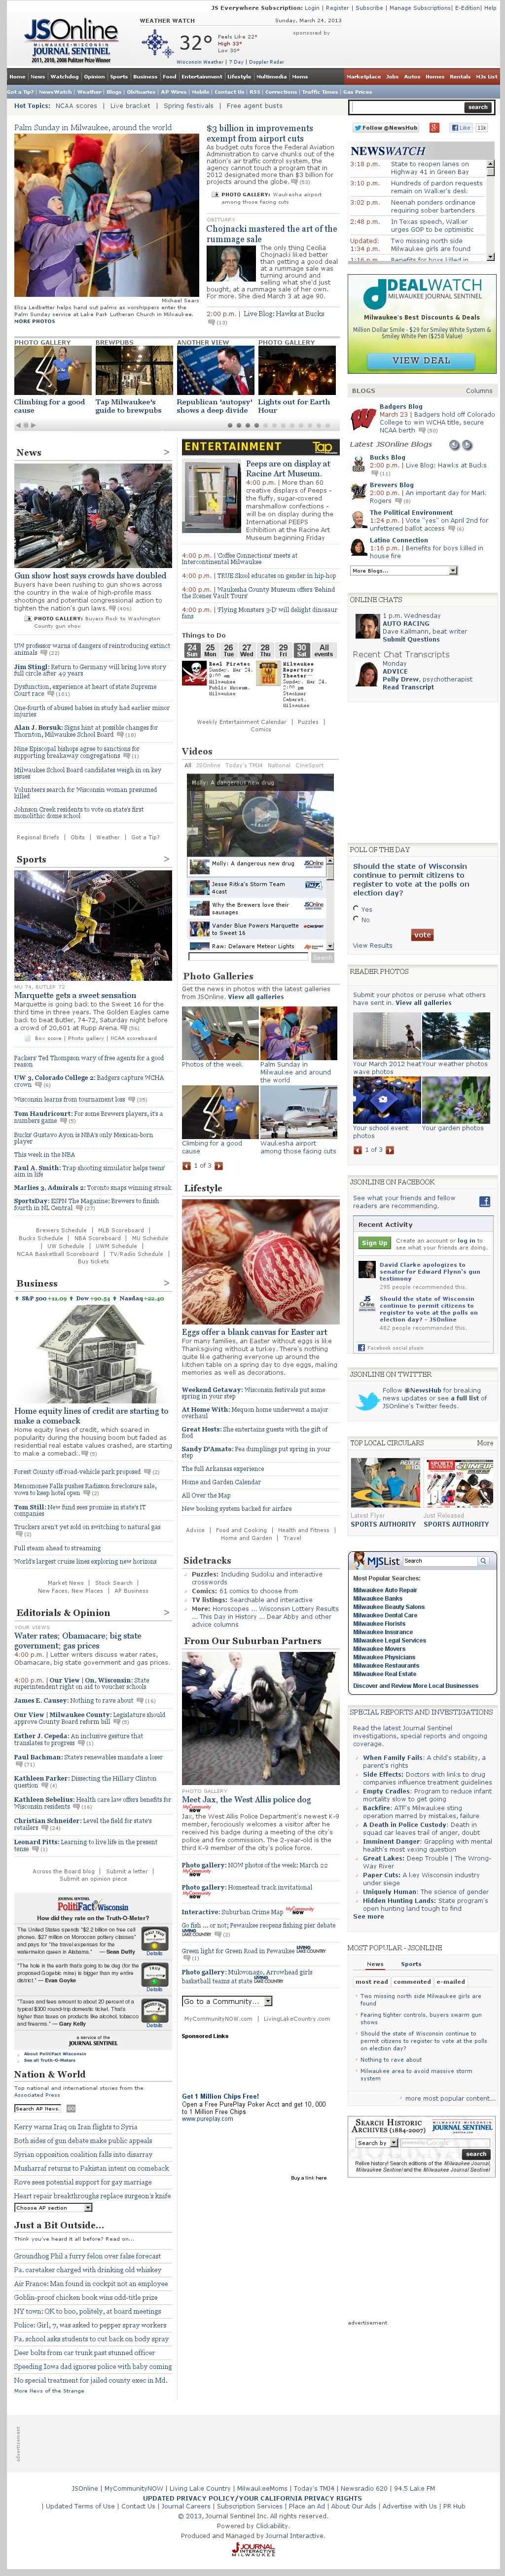 Milwaukee Journal Sentinel at Sunday March 24, 2013, 9:25 p.m. UTC